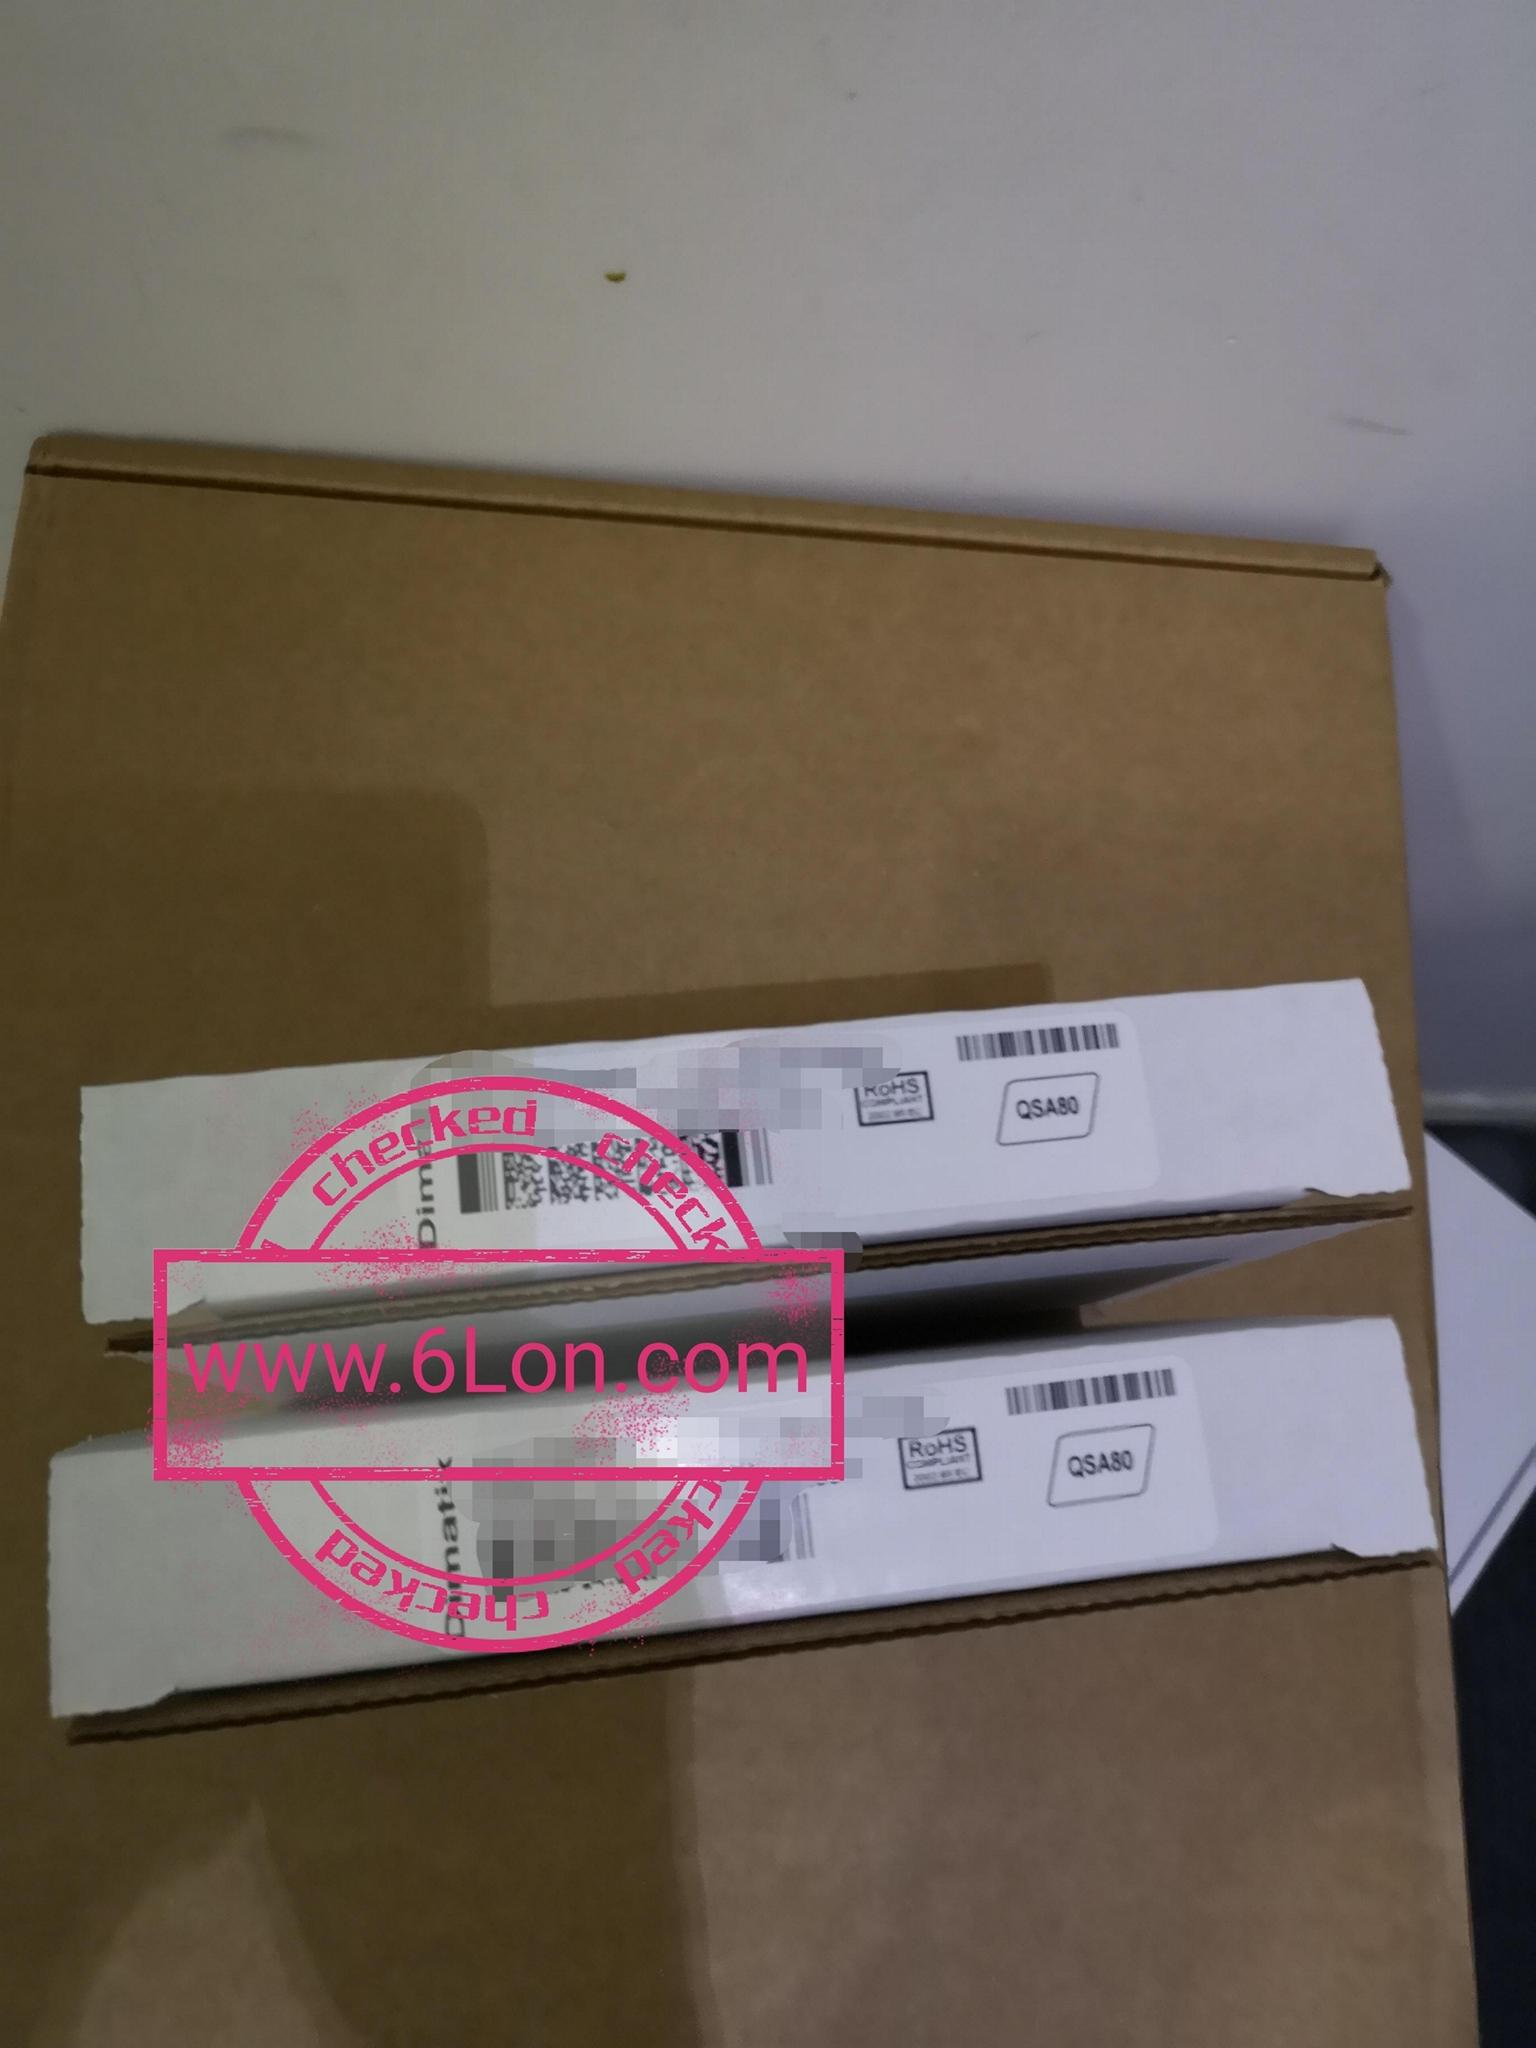 蓝宝石 QS256 80PL打印喷头